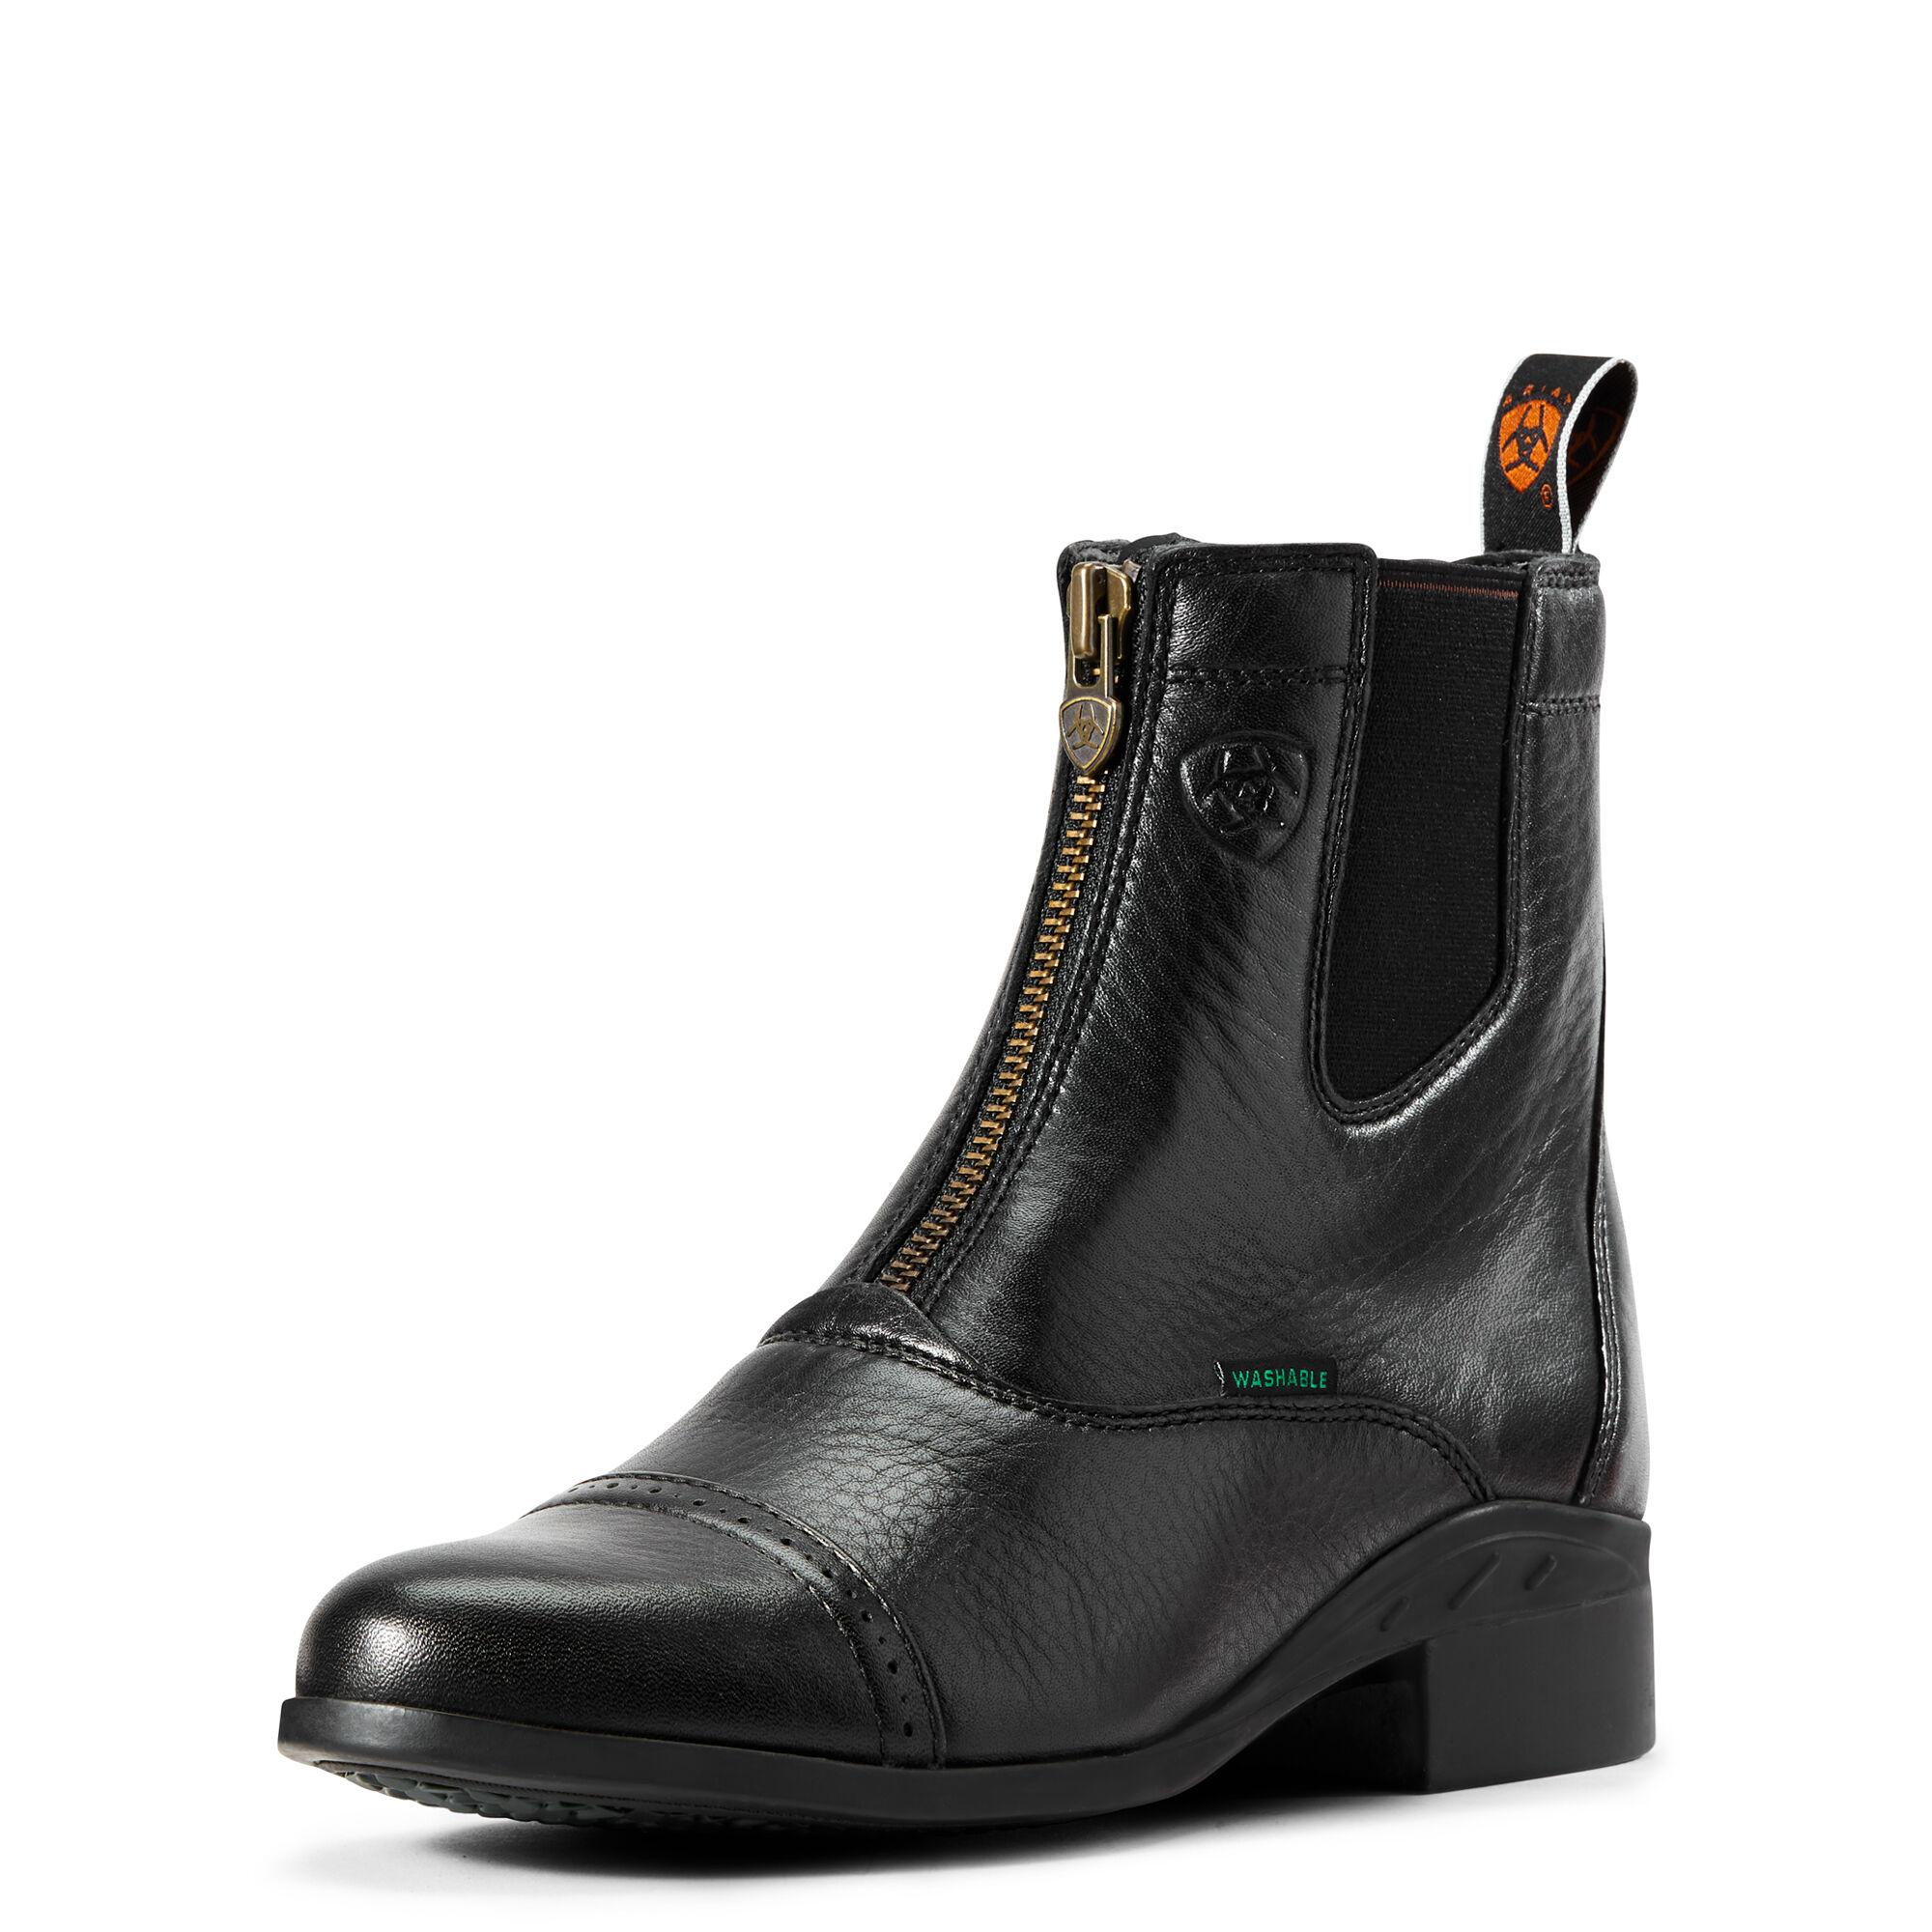 fa0c6d4b86283c Images. Heritage Breeze Zip Paddock Boot